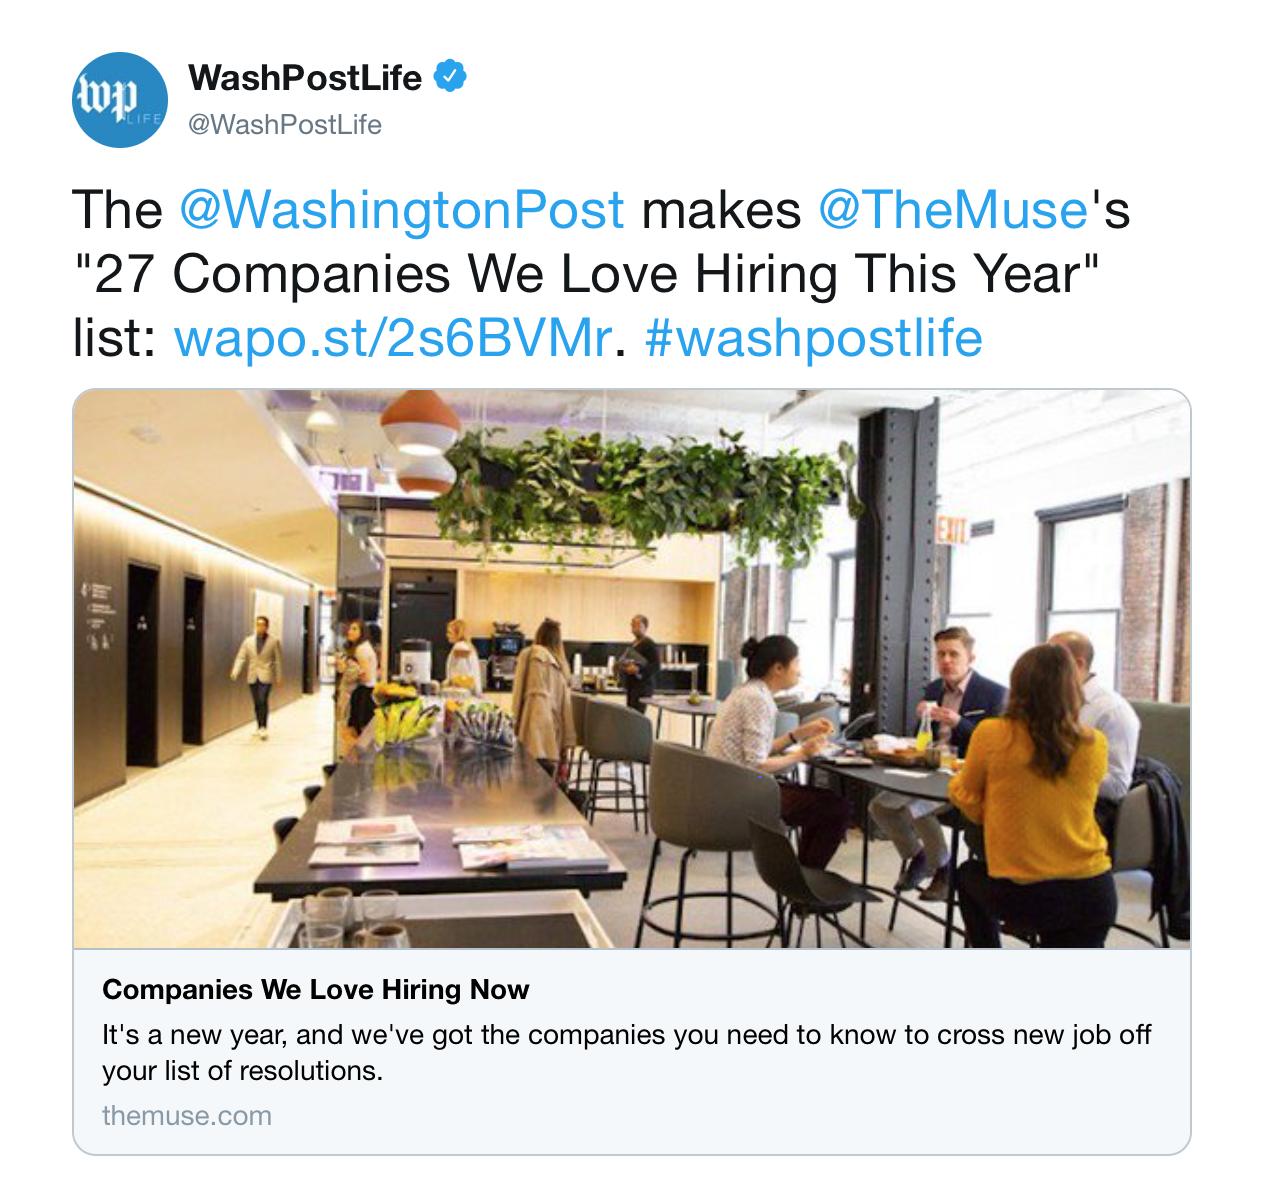 The Washington Post Tweet